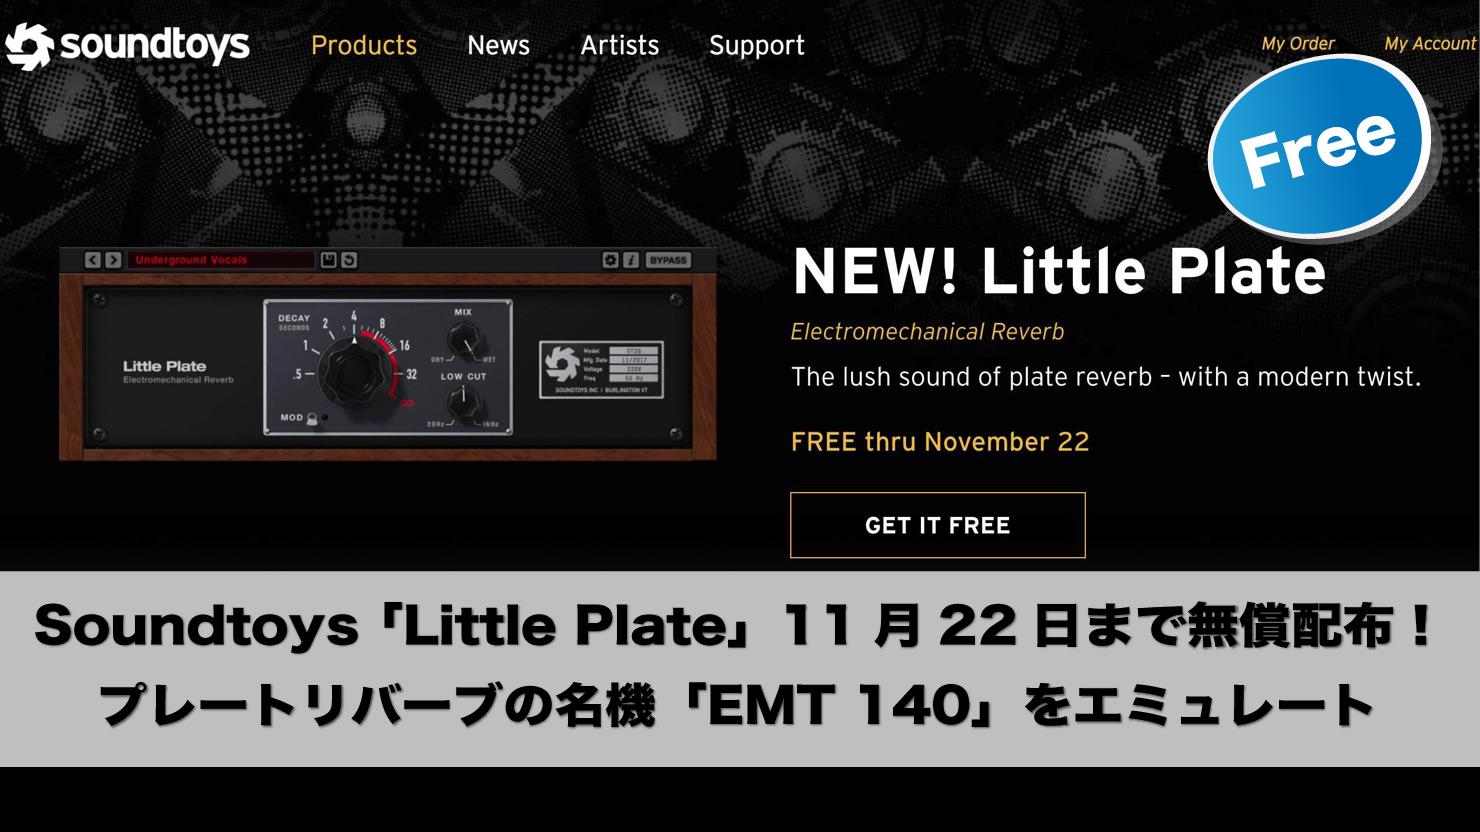 【無料】プレートリバーブの名機「EMT 140」をエミュレートしたSoundtoys 「Little Plate」が11月22日まで無償配布!